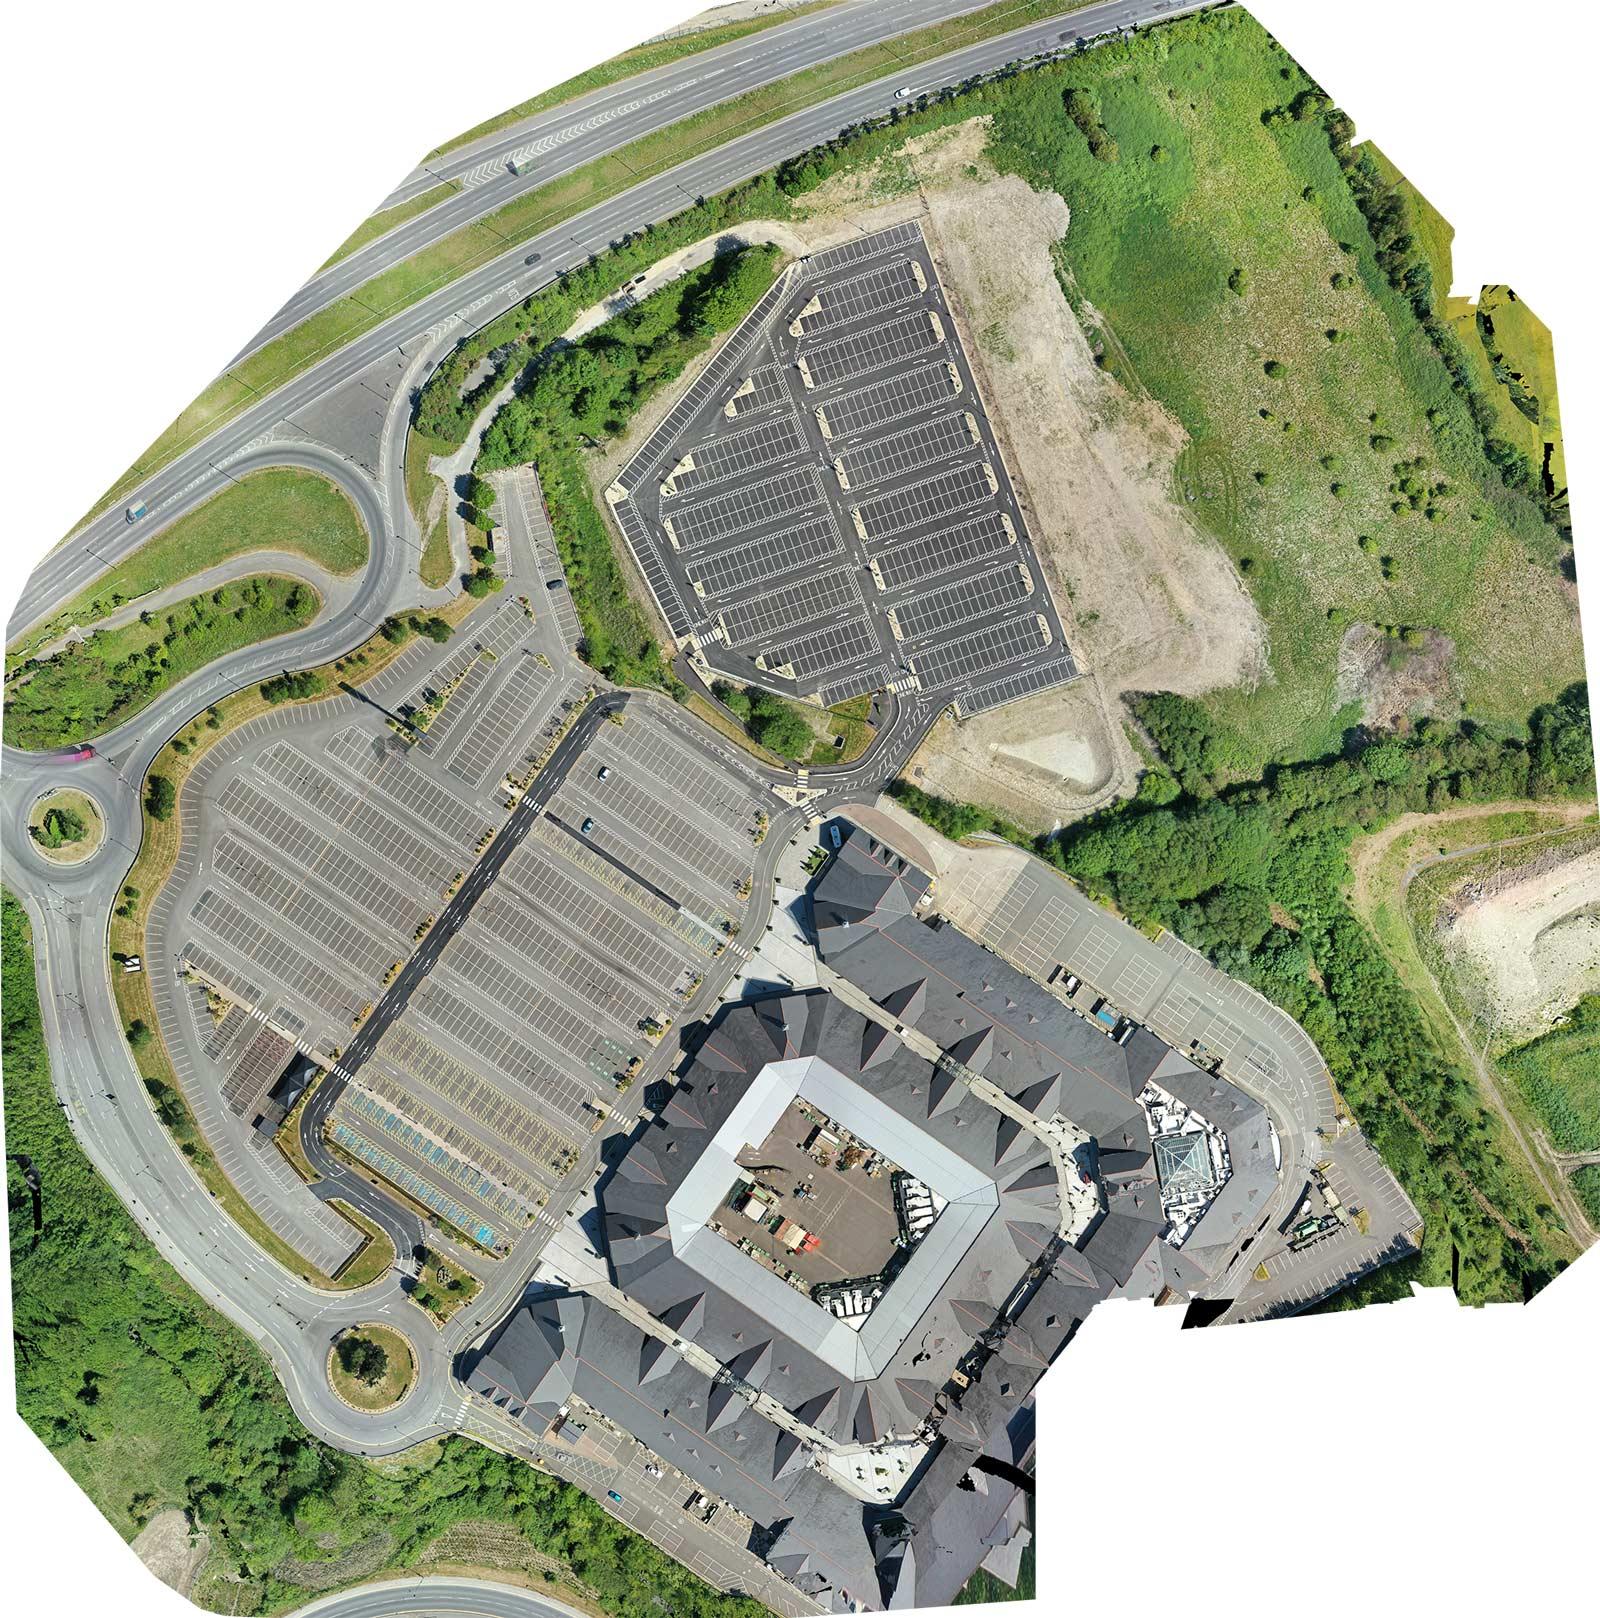 orthomosaic of large carpark